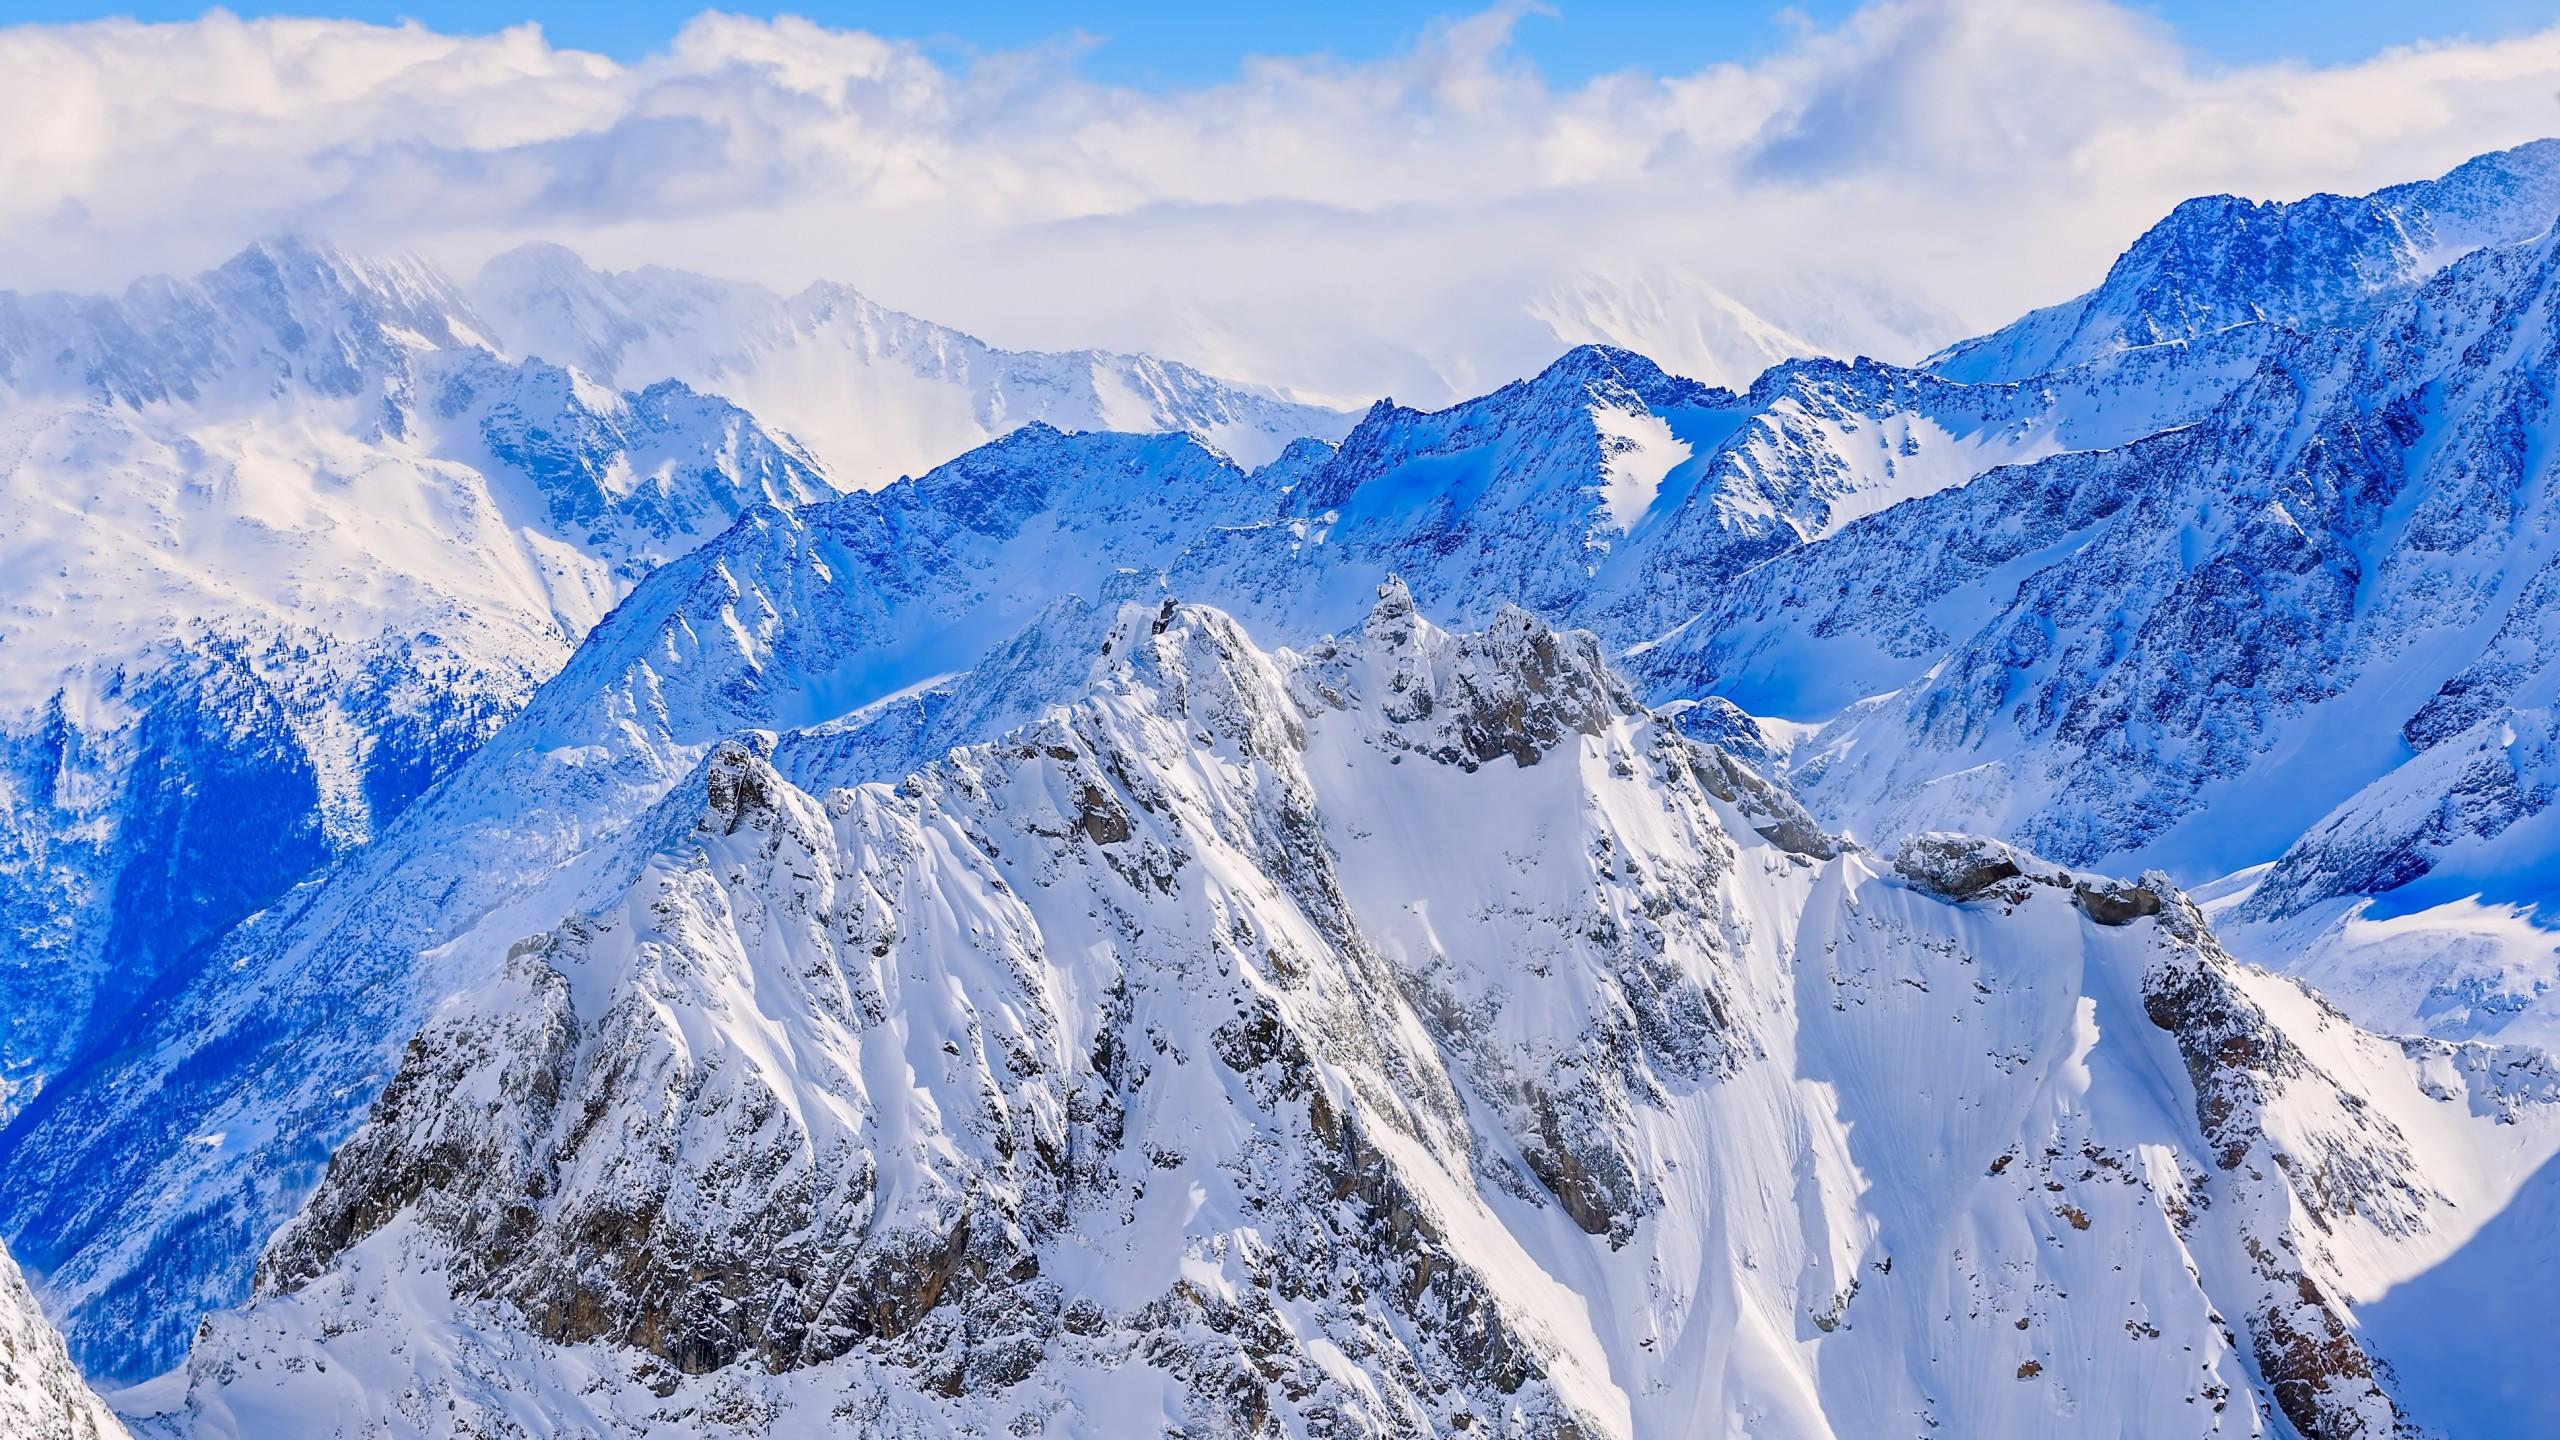 Switzerland Mountains Snow 2560x1440 Wallpaper Teahub Io